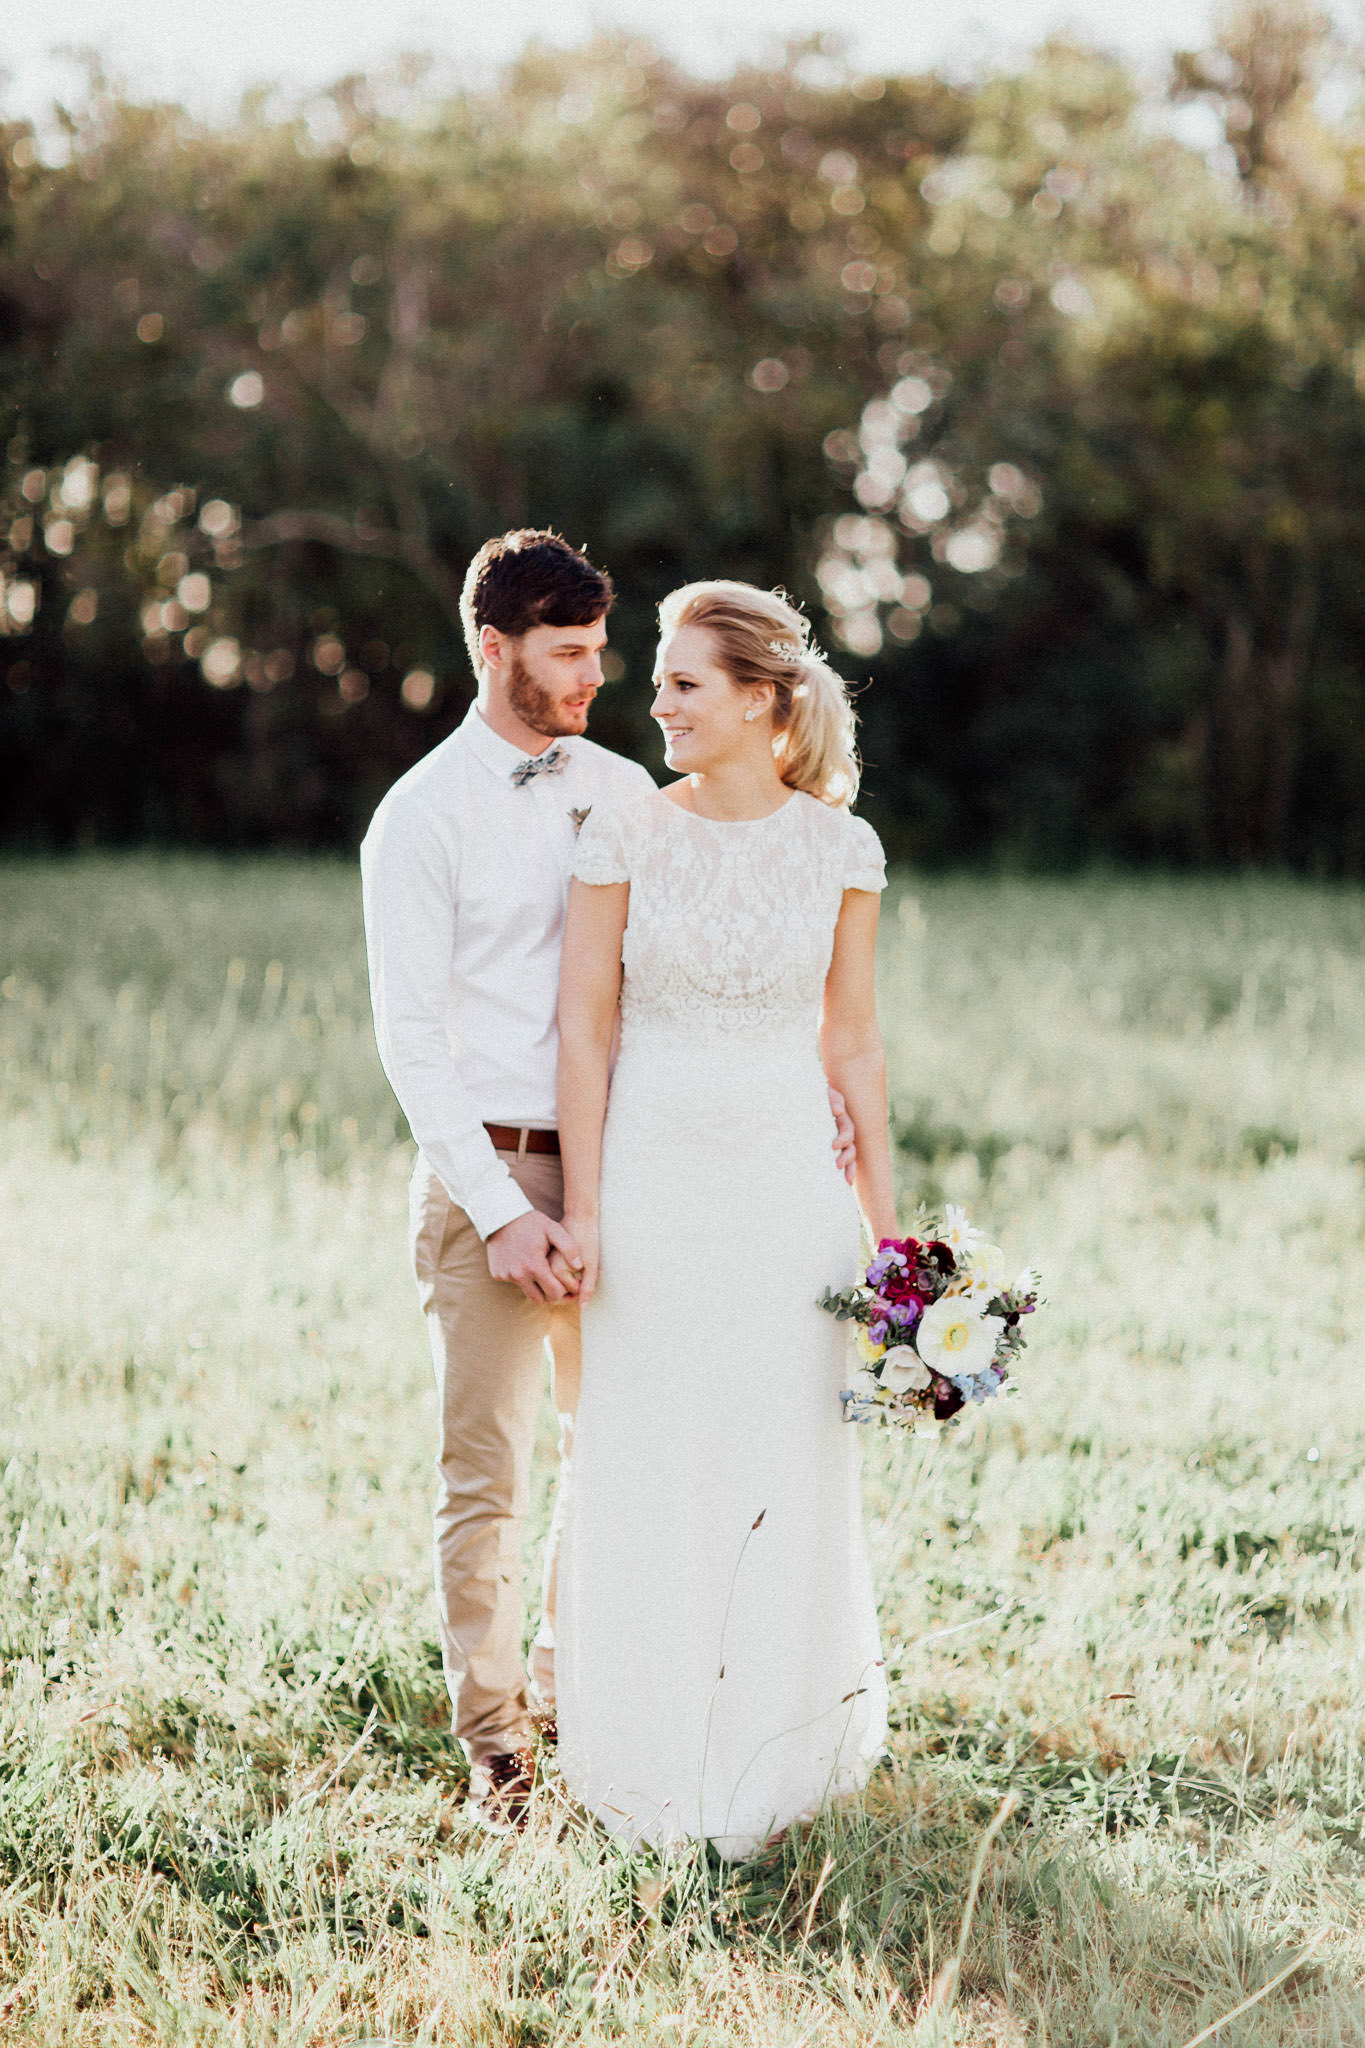 WeddingPhotos_Facebook_2048pixels-1547.jpg